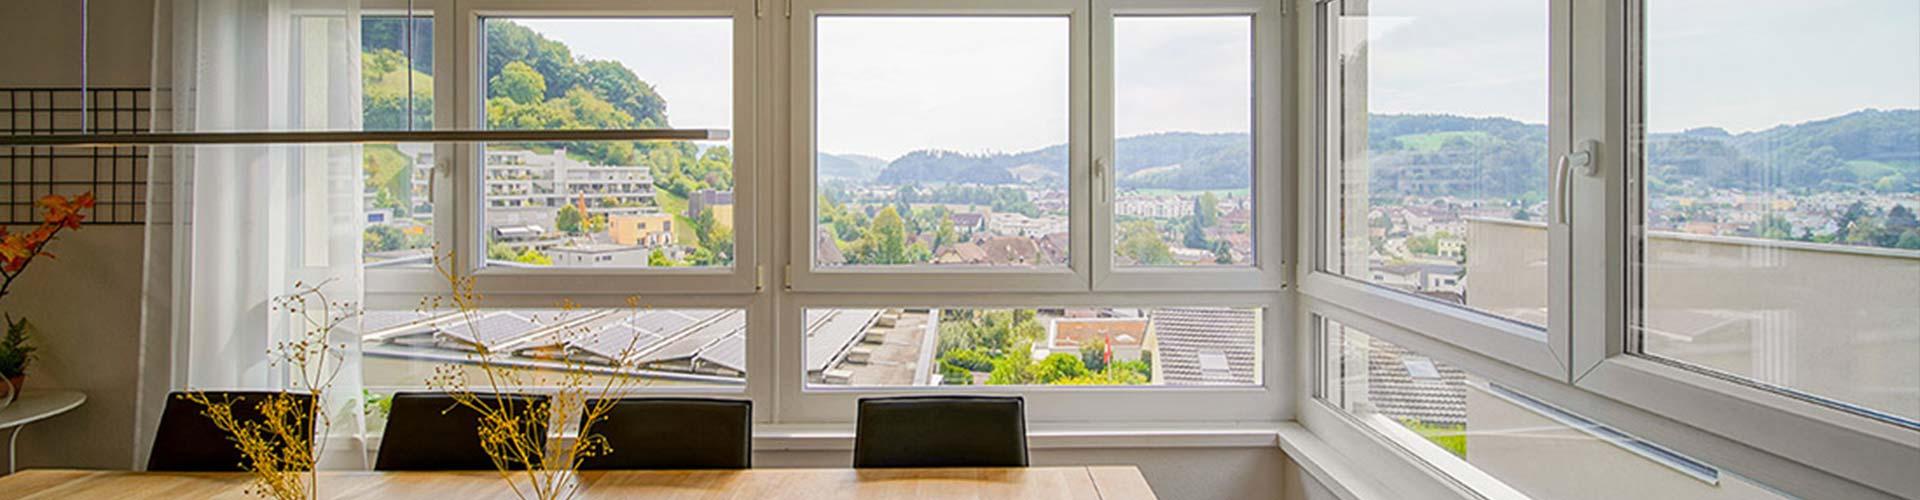 Immobilienfotografie Aargau EFH